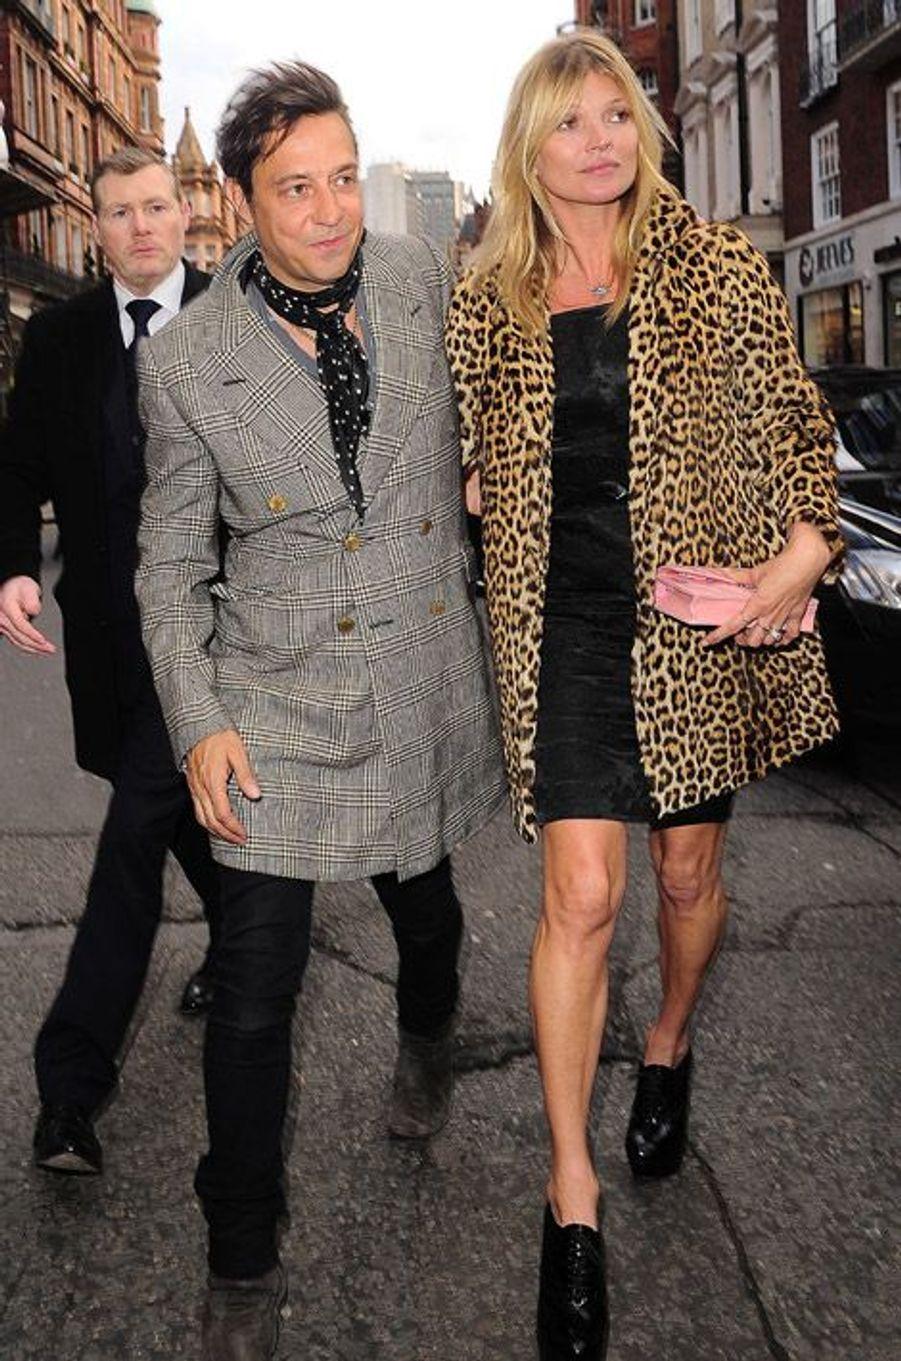 Kate Moss fête ses 40 ans à Londres avec son mari, Jamie Hince, le 16 janvier 2014